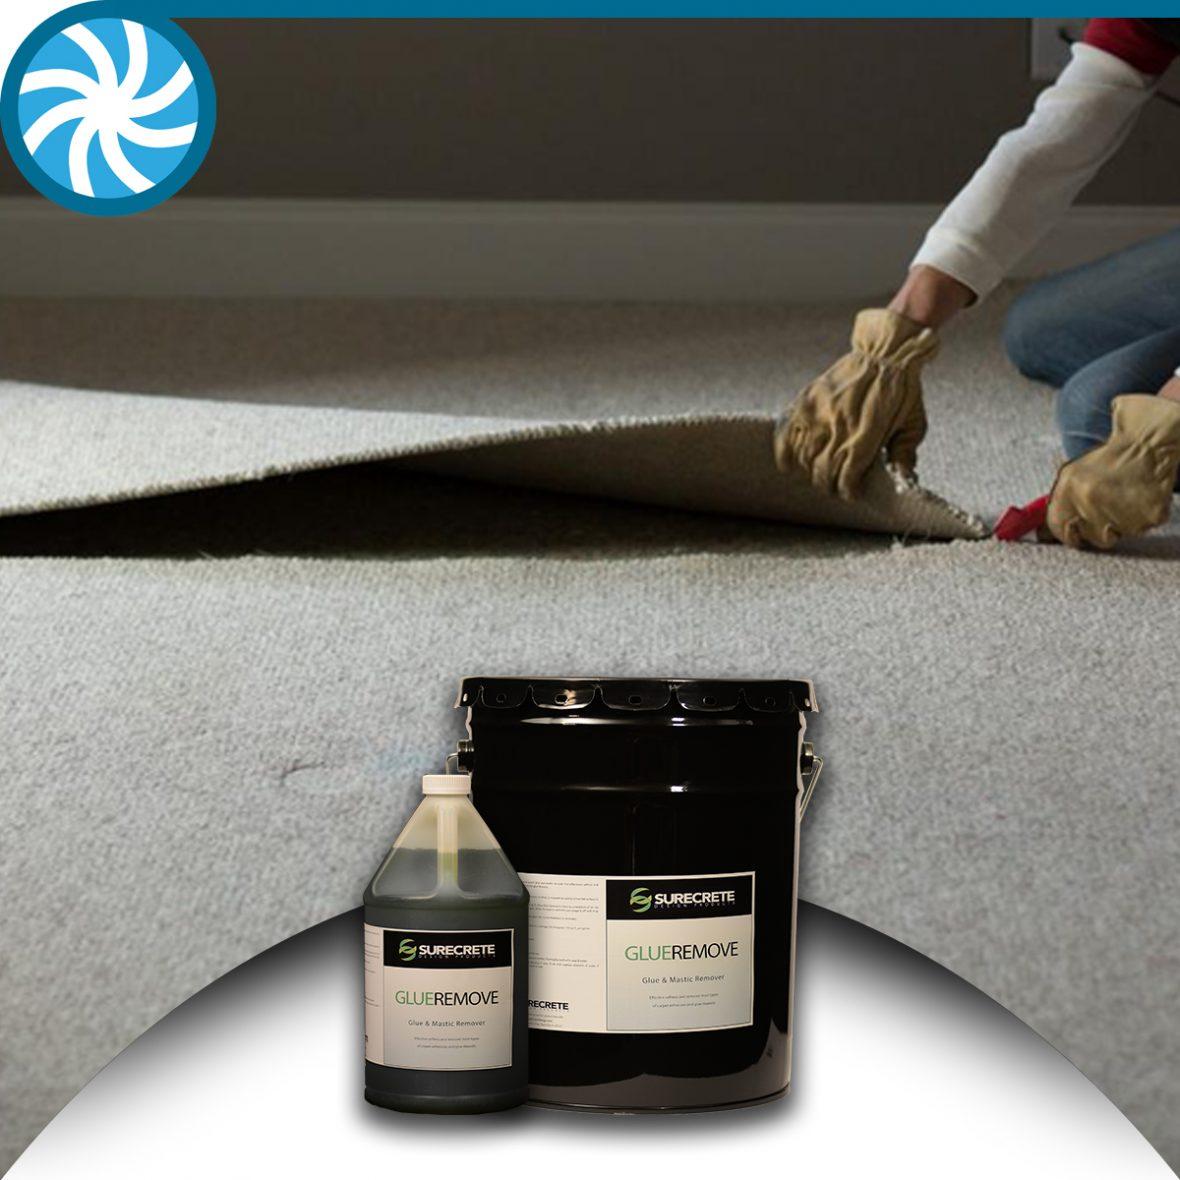 Surecrete Carpet Glue Remover